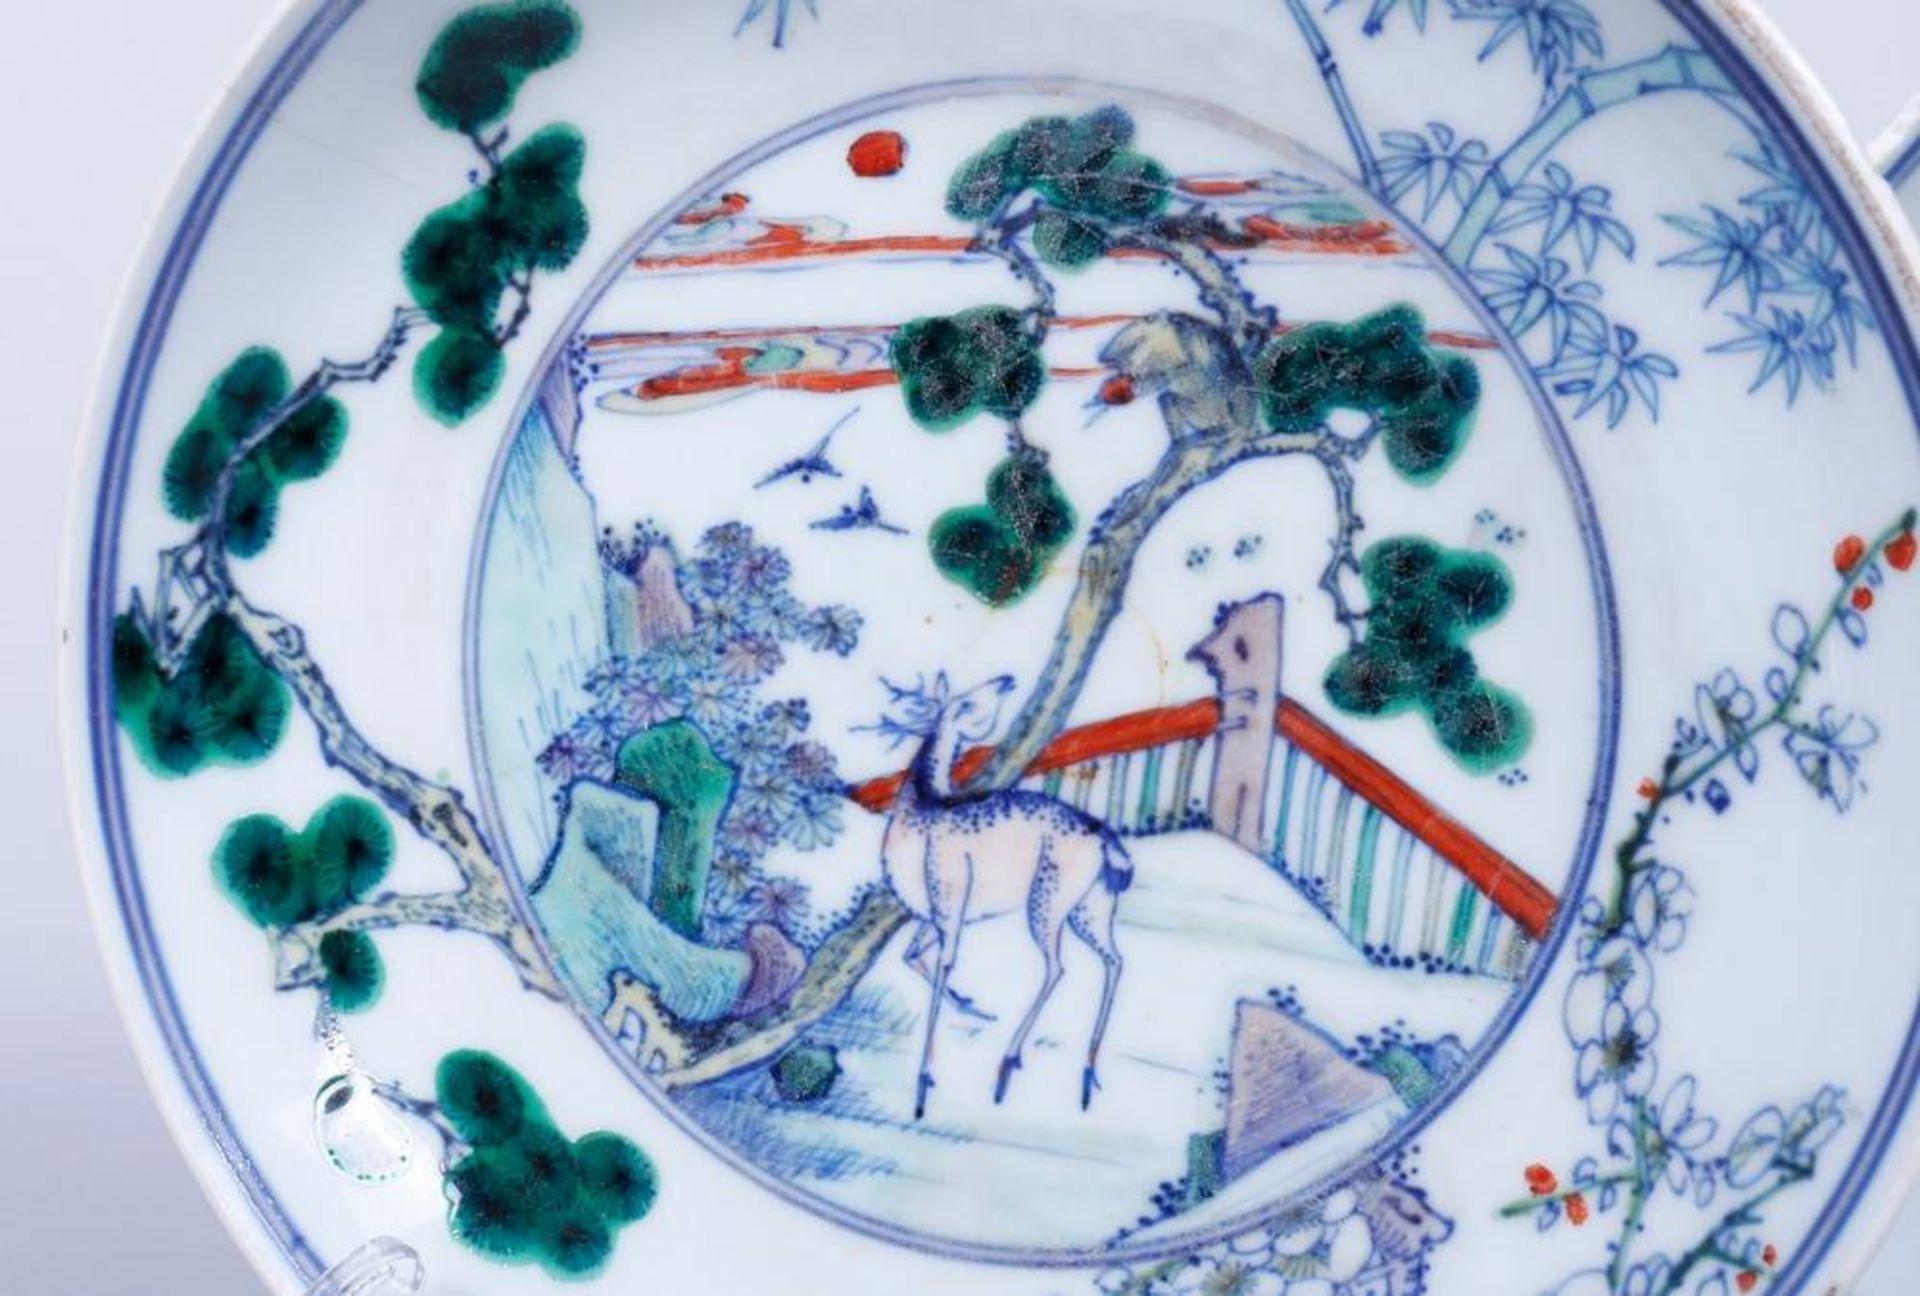 2 Doucai-Teller, China, wohl 19.Jh. im Spiegel Parklandschaft mit Affe und Hirsch, - Bild 2 aus 4